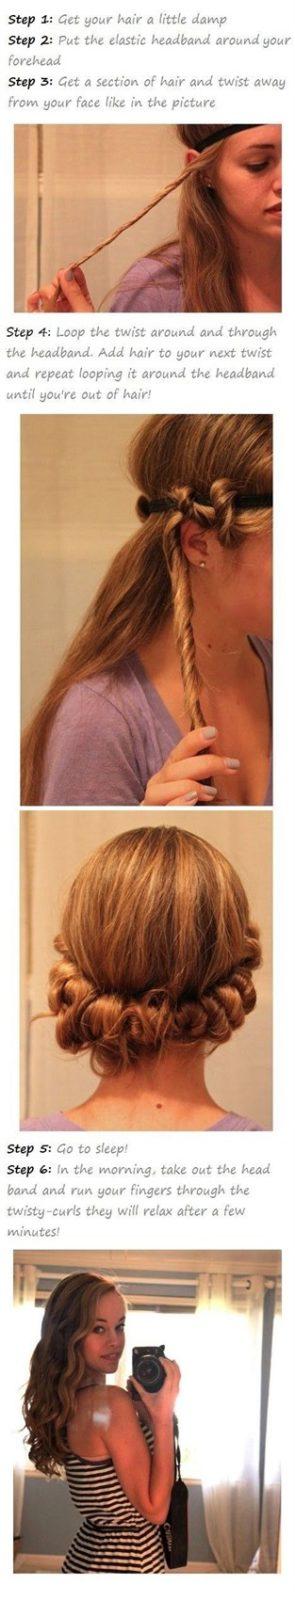 Прически на средние волосы в домашних условиях: локоны вручную